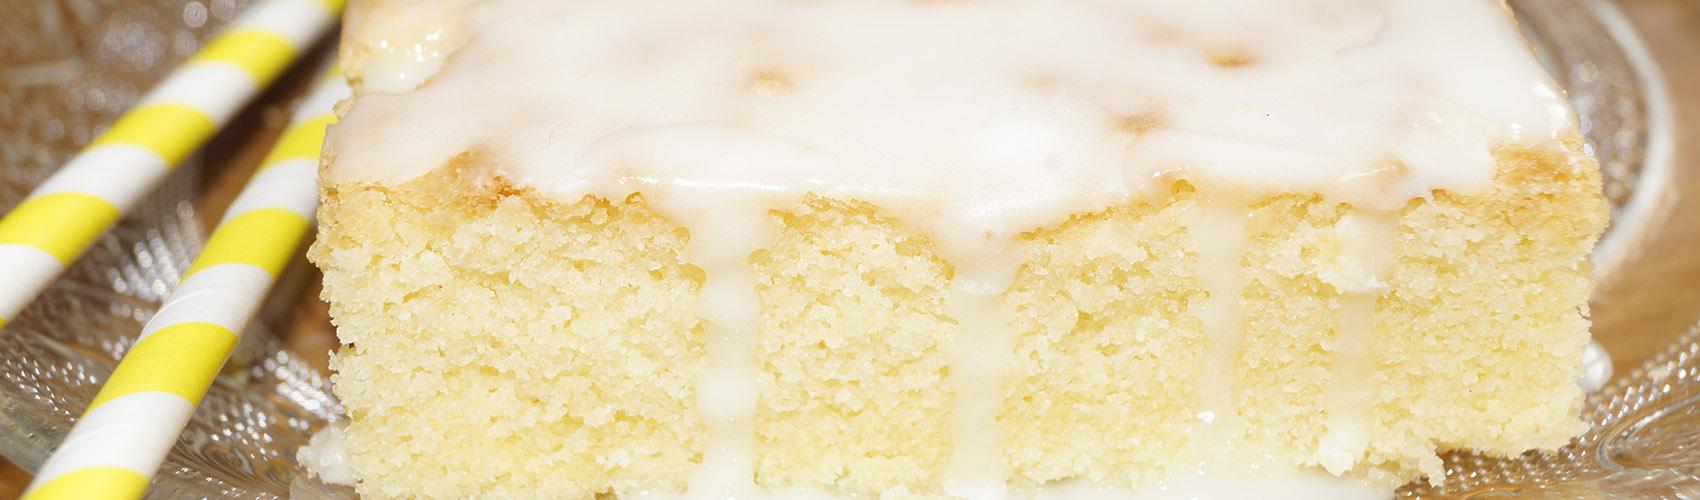 Zitronenkuchen Mit Zuckerguss Leckergebacken